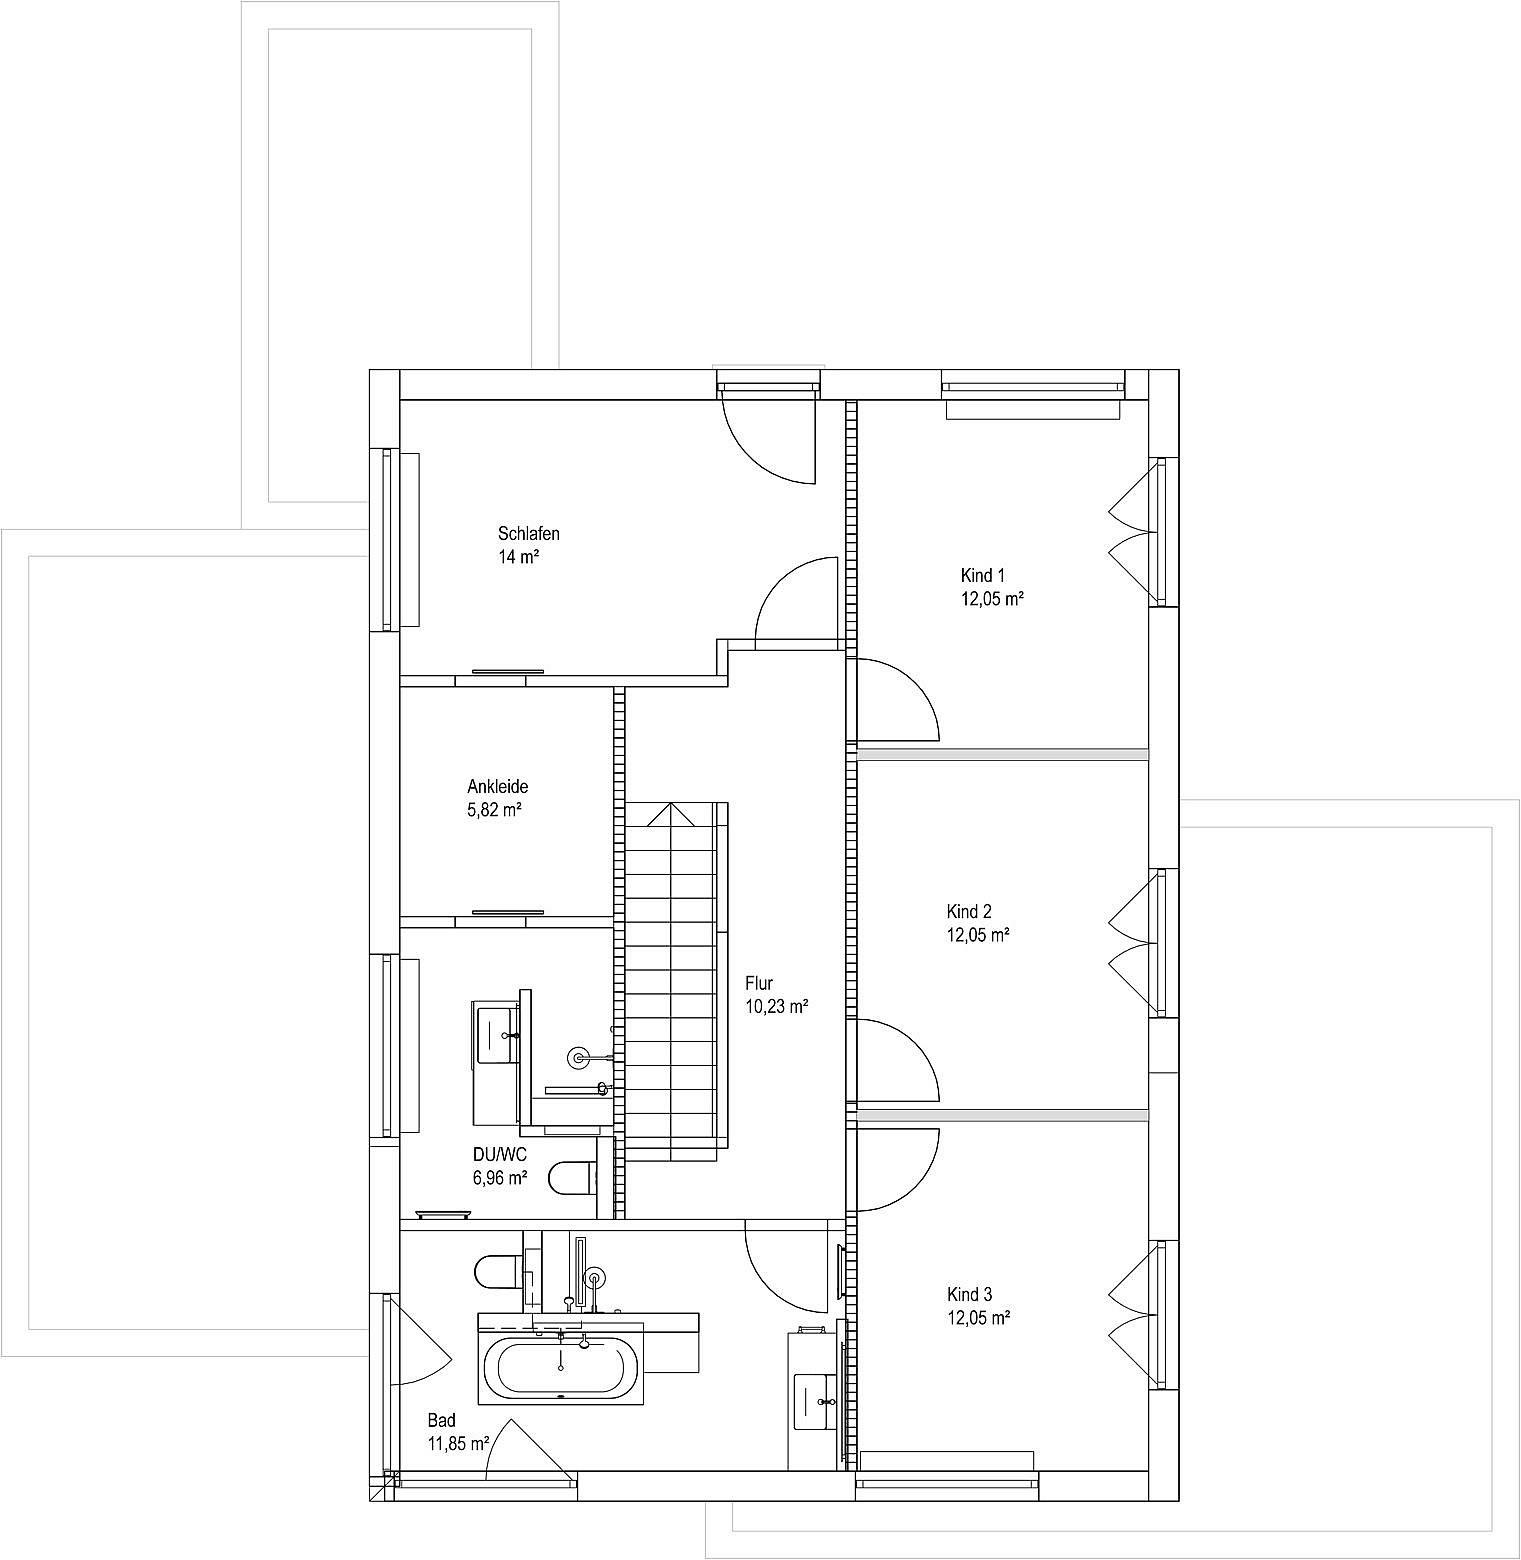 Obergeschoss Satteldach Landhaus 207 von LUXHAUS Vertrieb GmbH & Co. KG